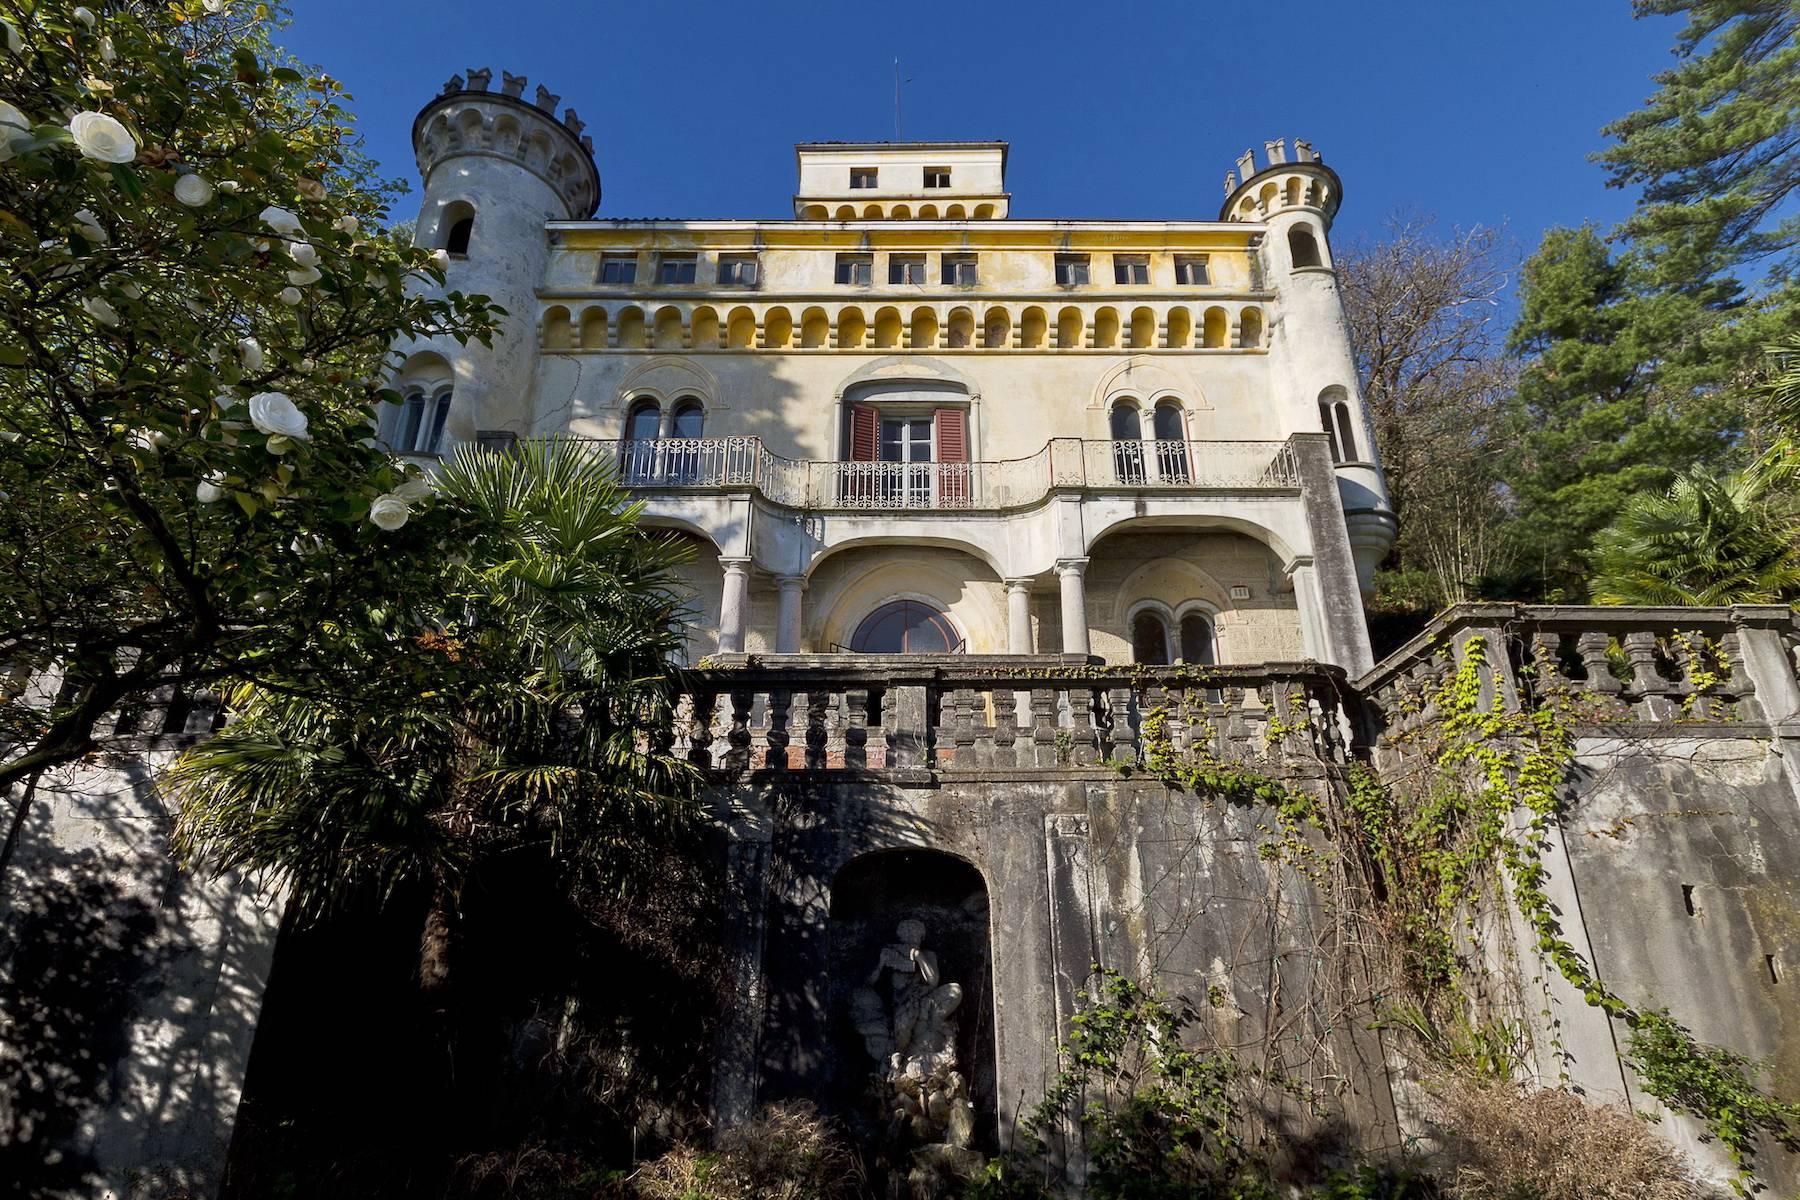 Prestigious castle for sale in Stresa - 2